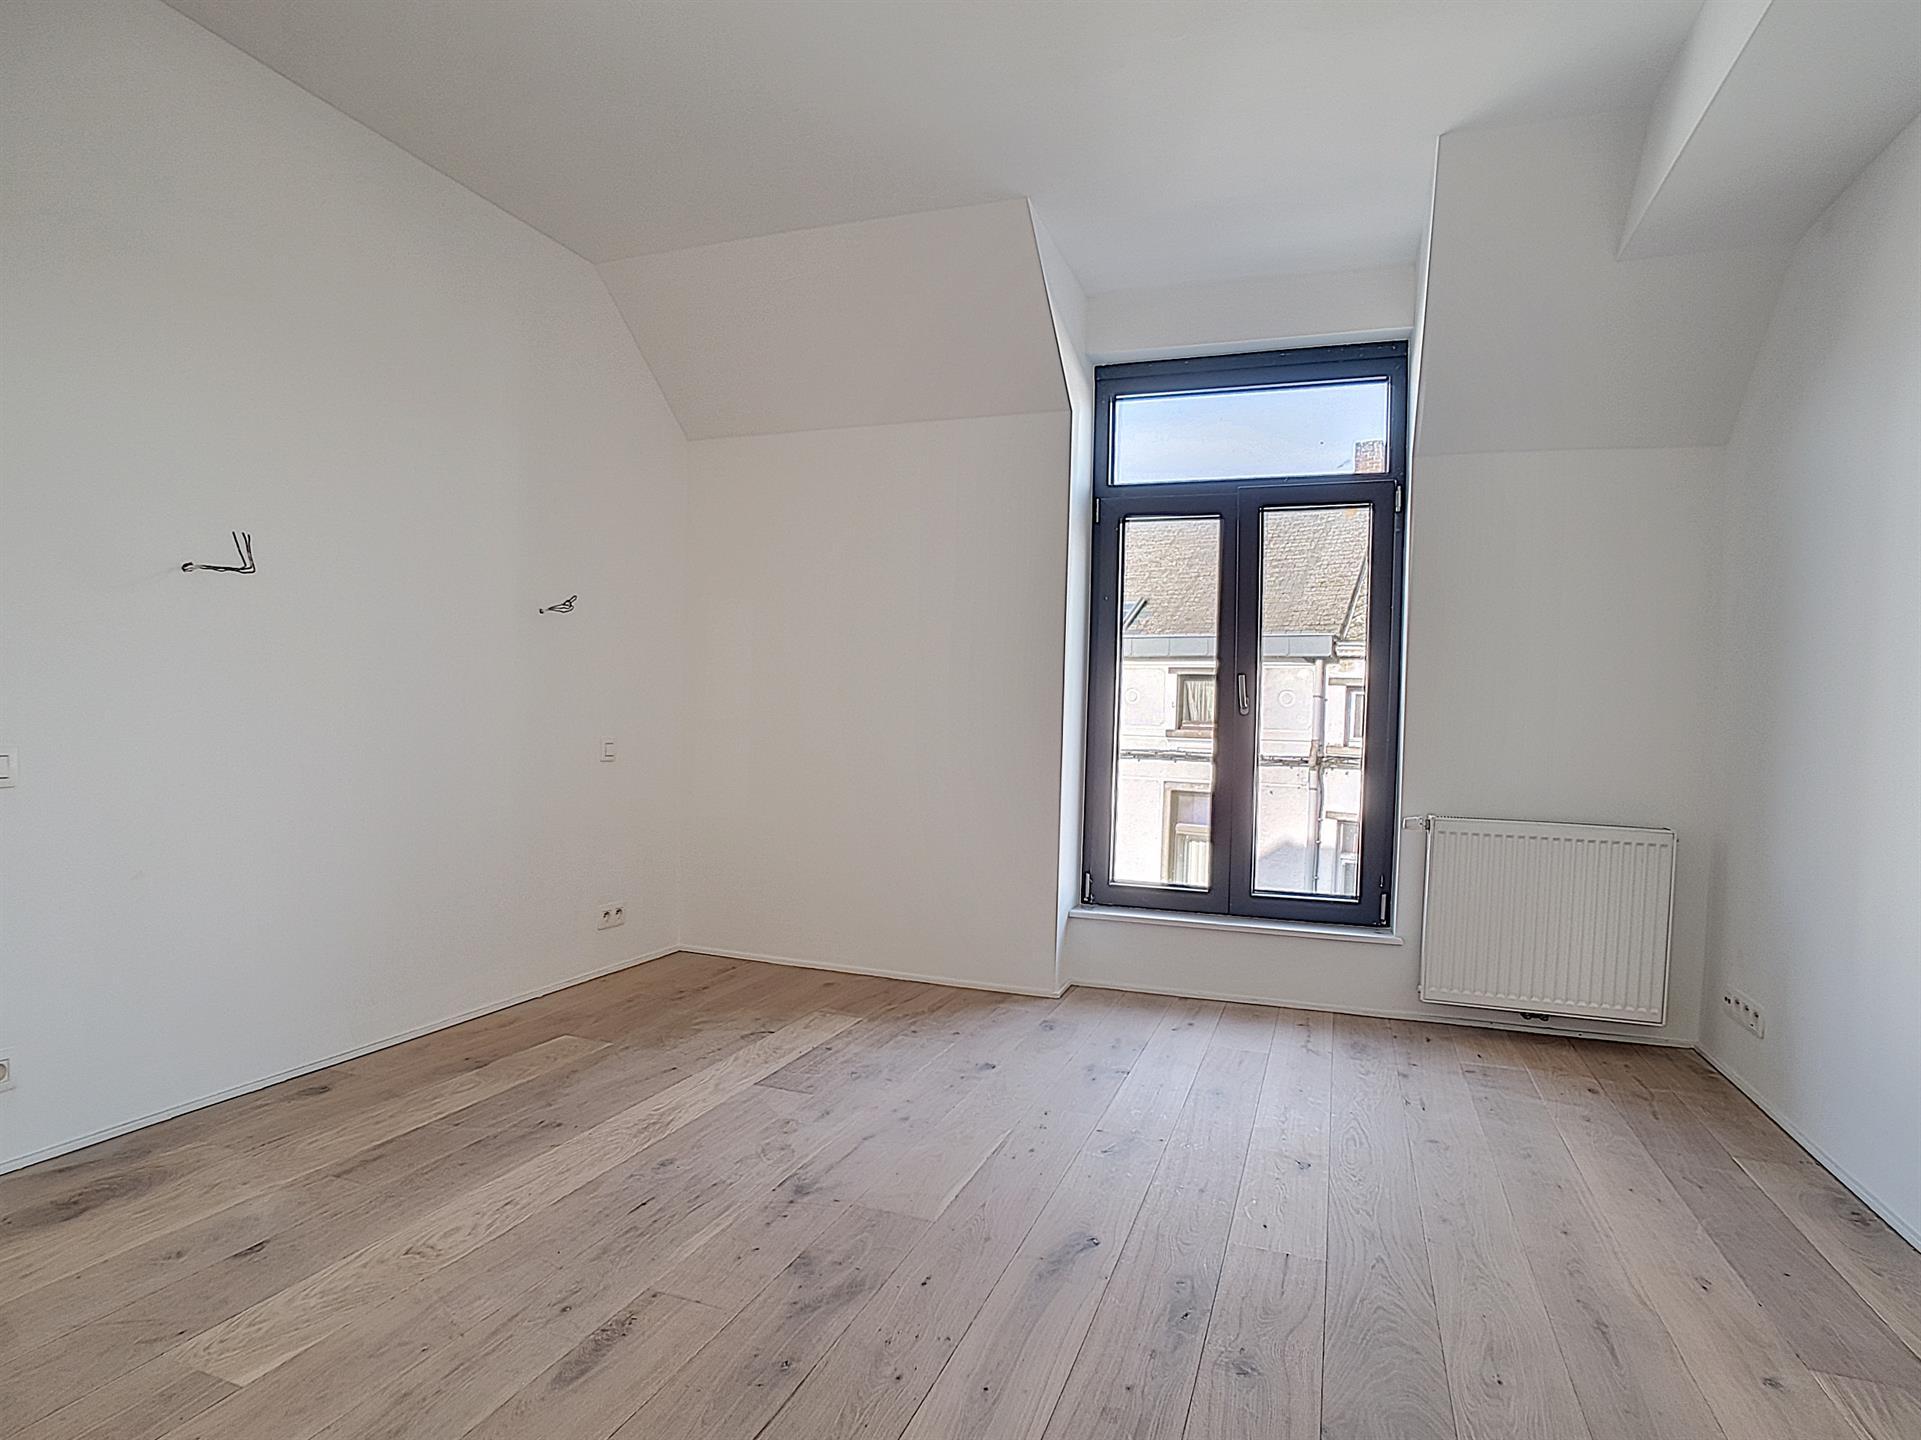 Appartement - Genappe - #4514486-24